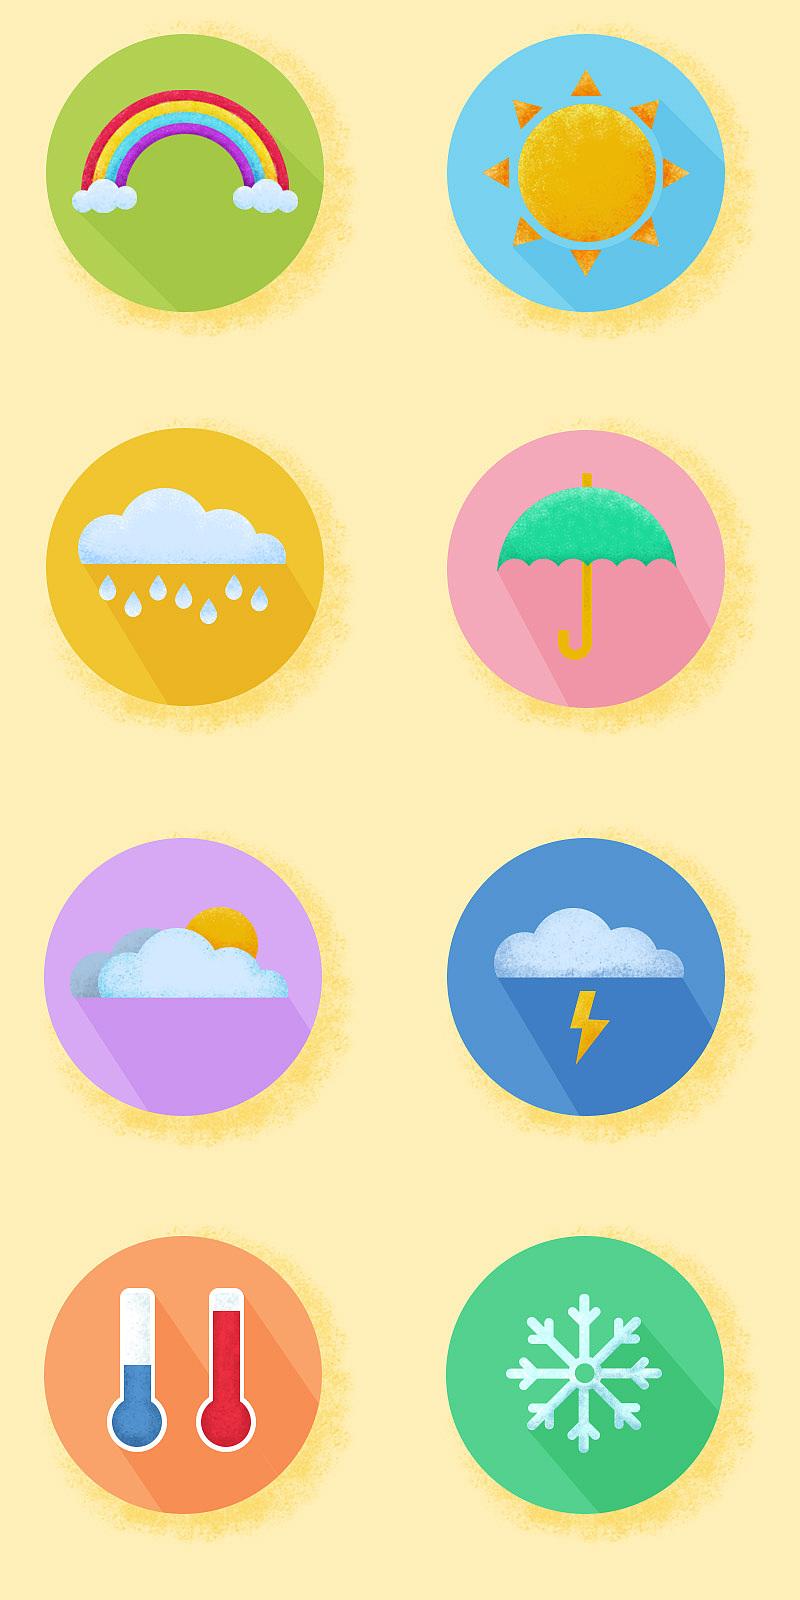 天气类的icon,插件,图标设计|ui|图标|羊小羊93